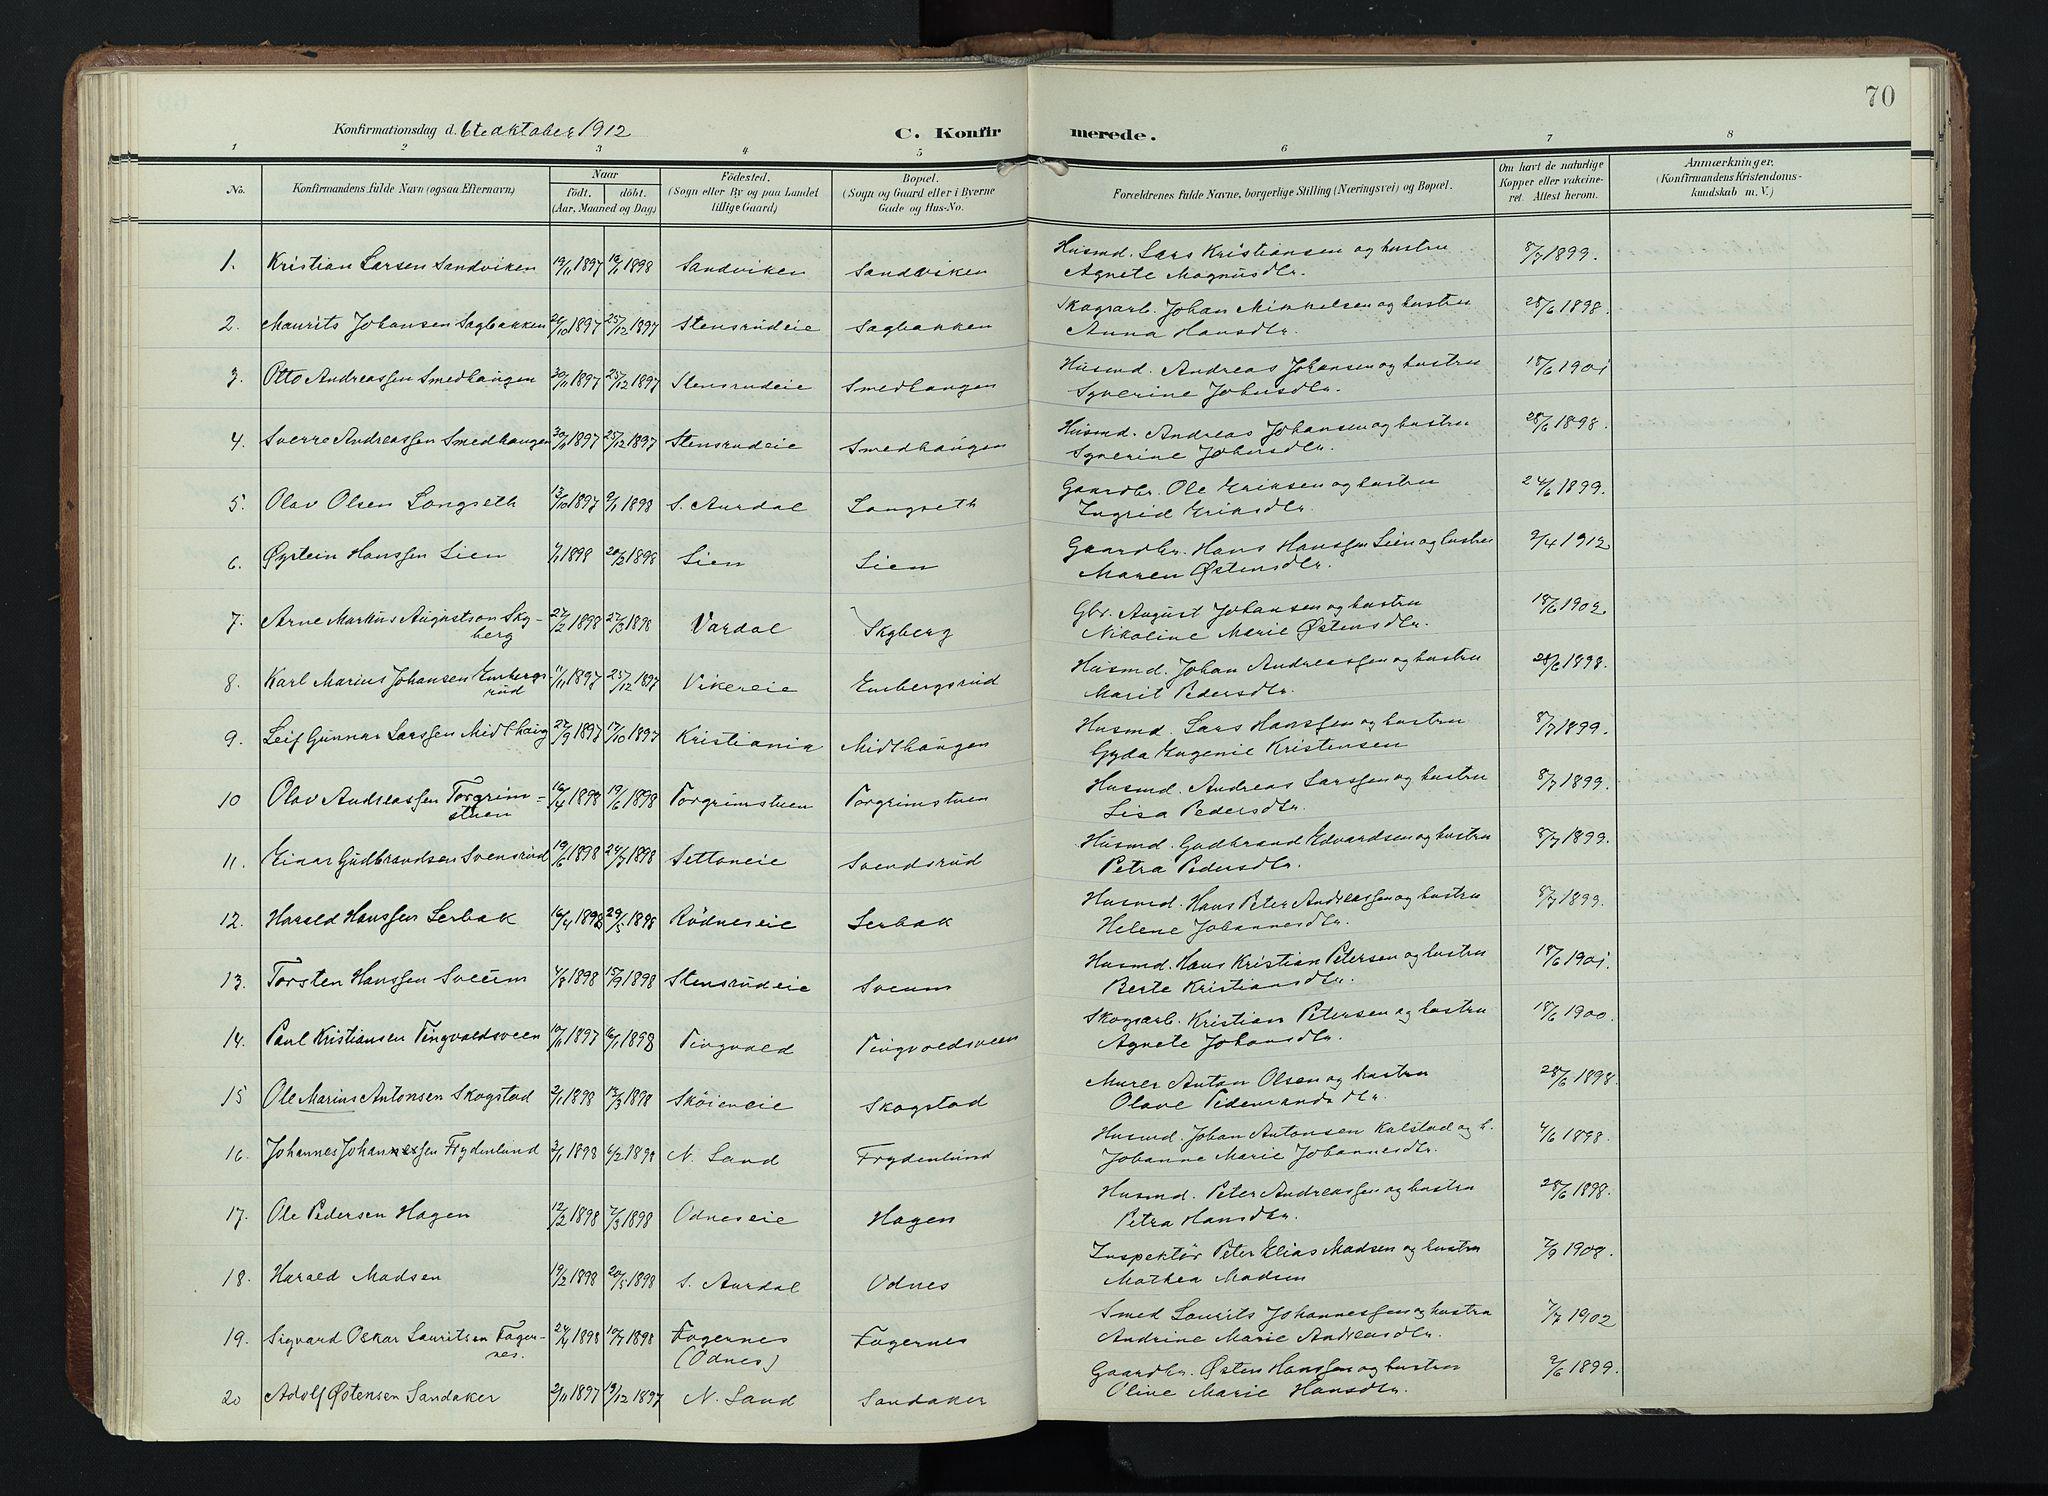 SAH, Søndre Land prestekontor, K/L0005: Ministerialbok nr. 5, 1905-1914, s. 70